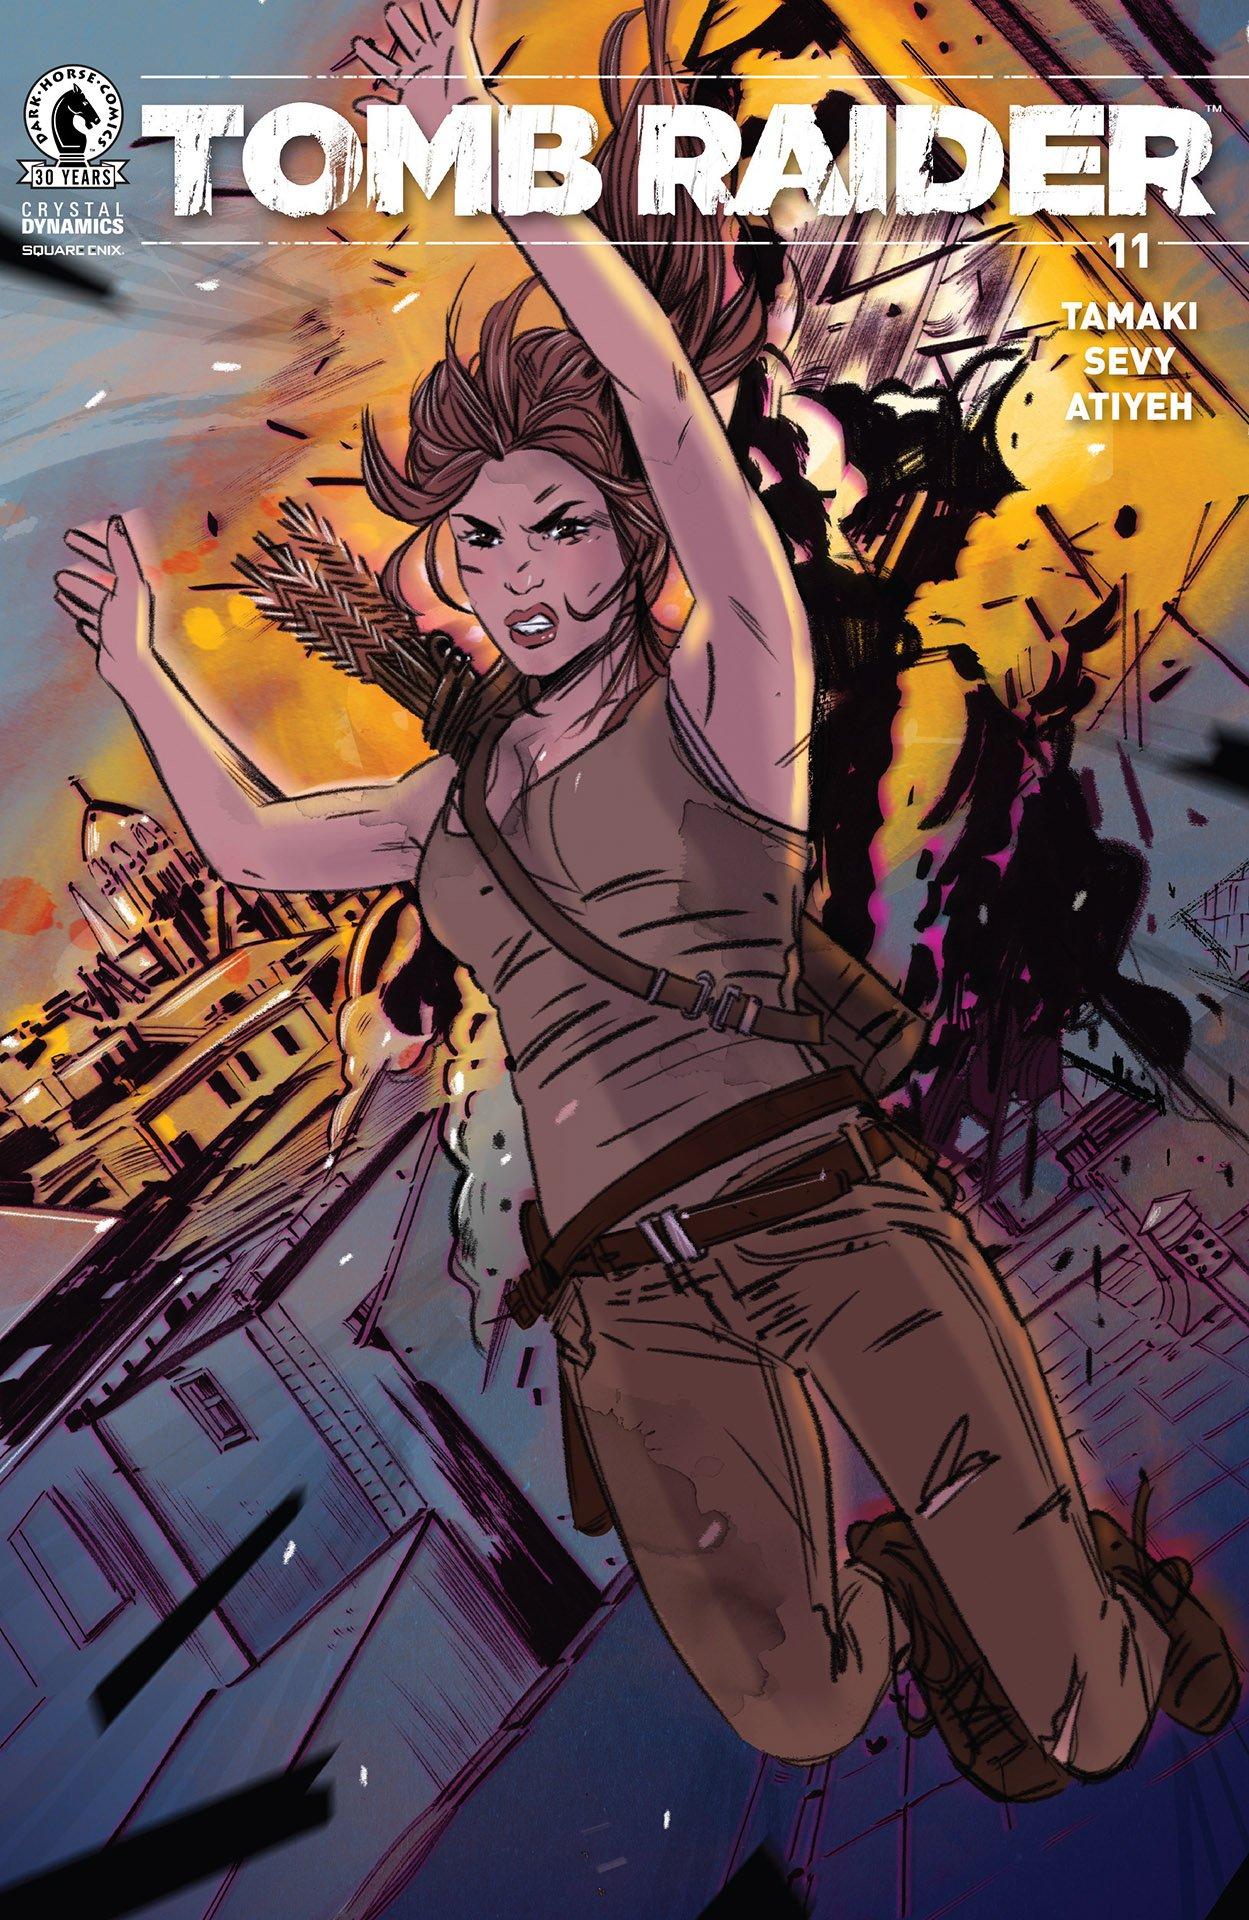 Tomb Raider v2 011 (December 2016)